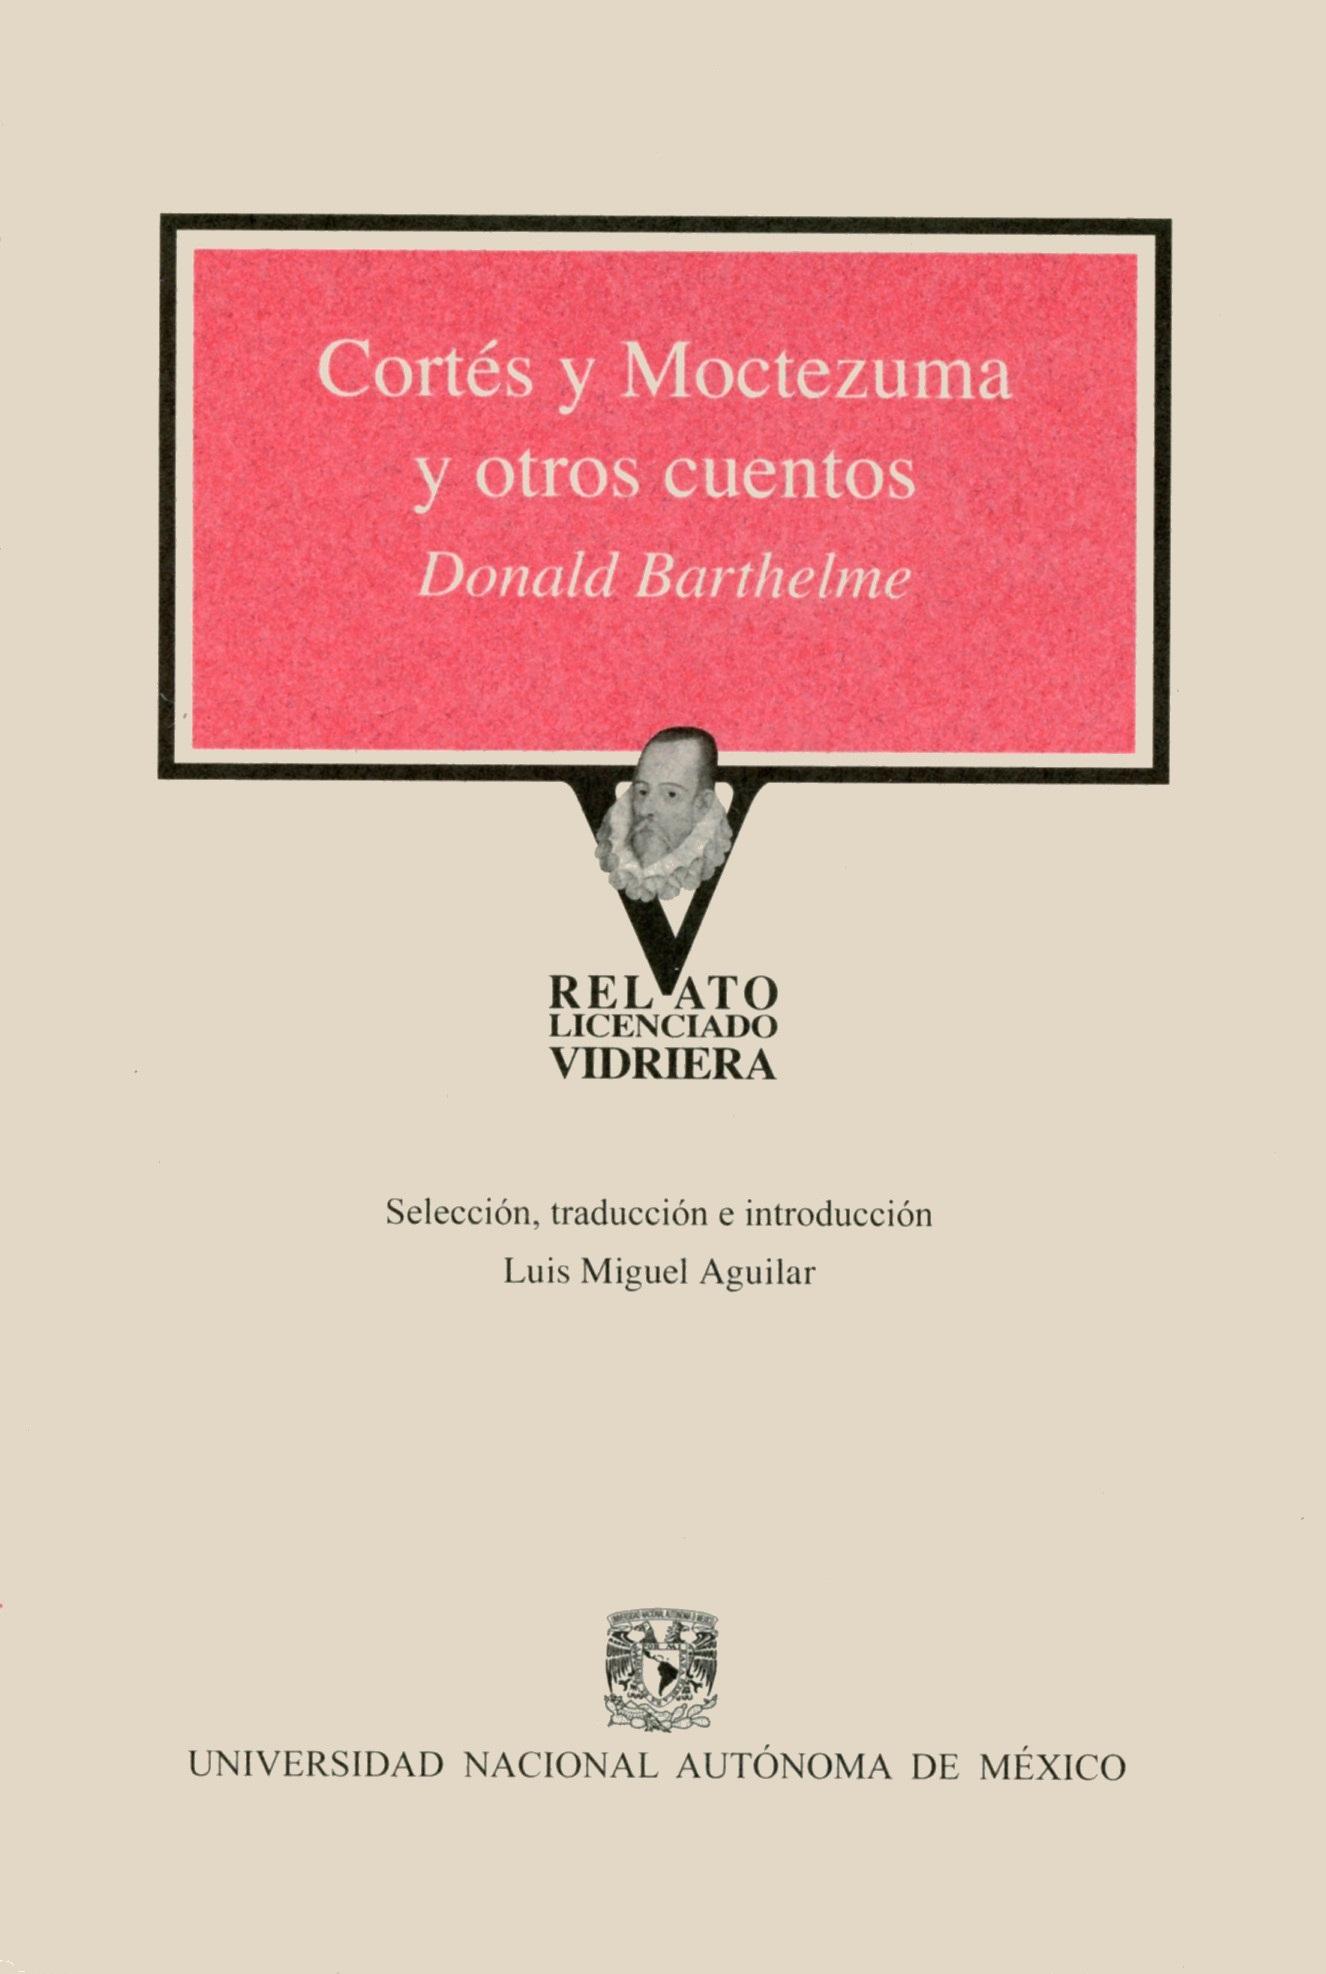 Cortés y Moctezuma y otros cuentos